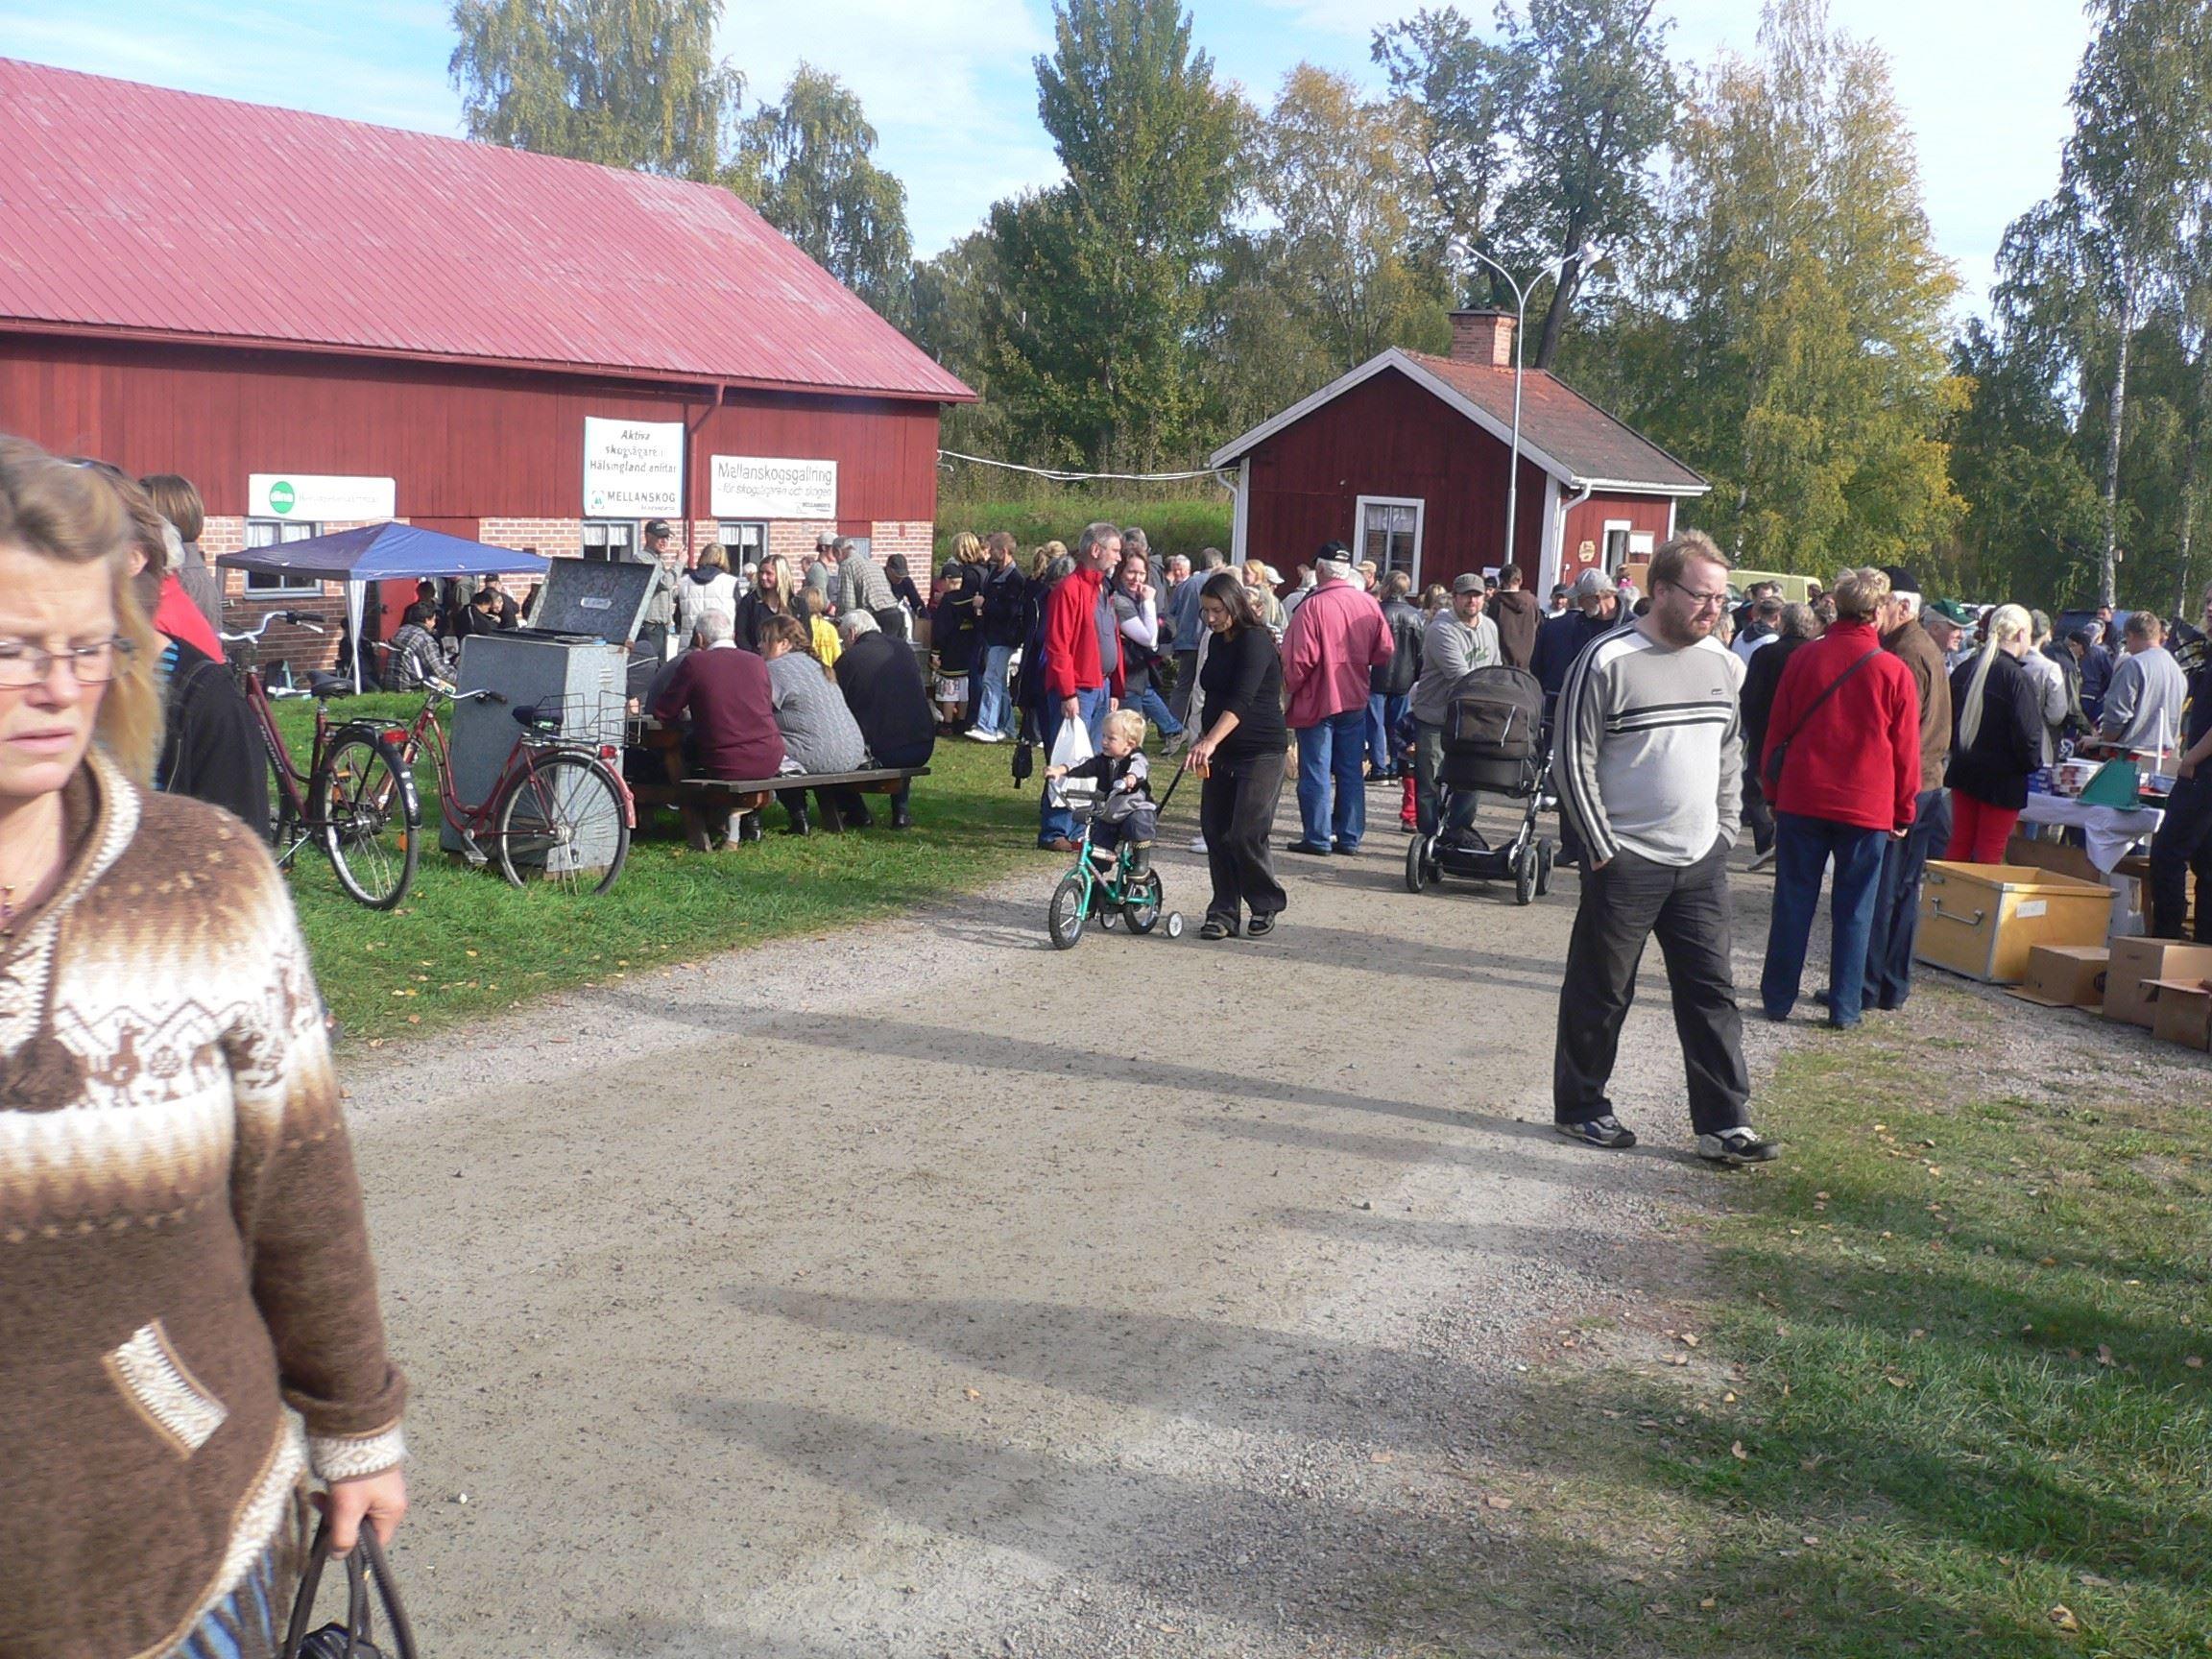 Malin Olskims, Mjölkens dag -  Delsbo Lantbruksmuseum